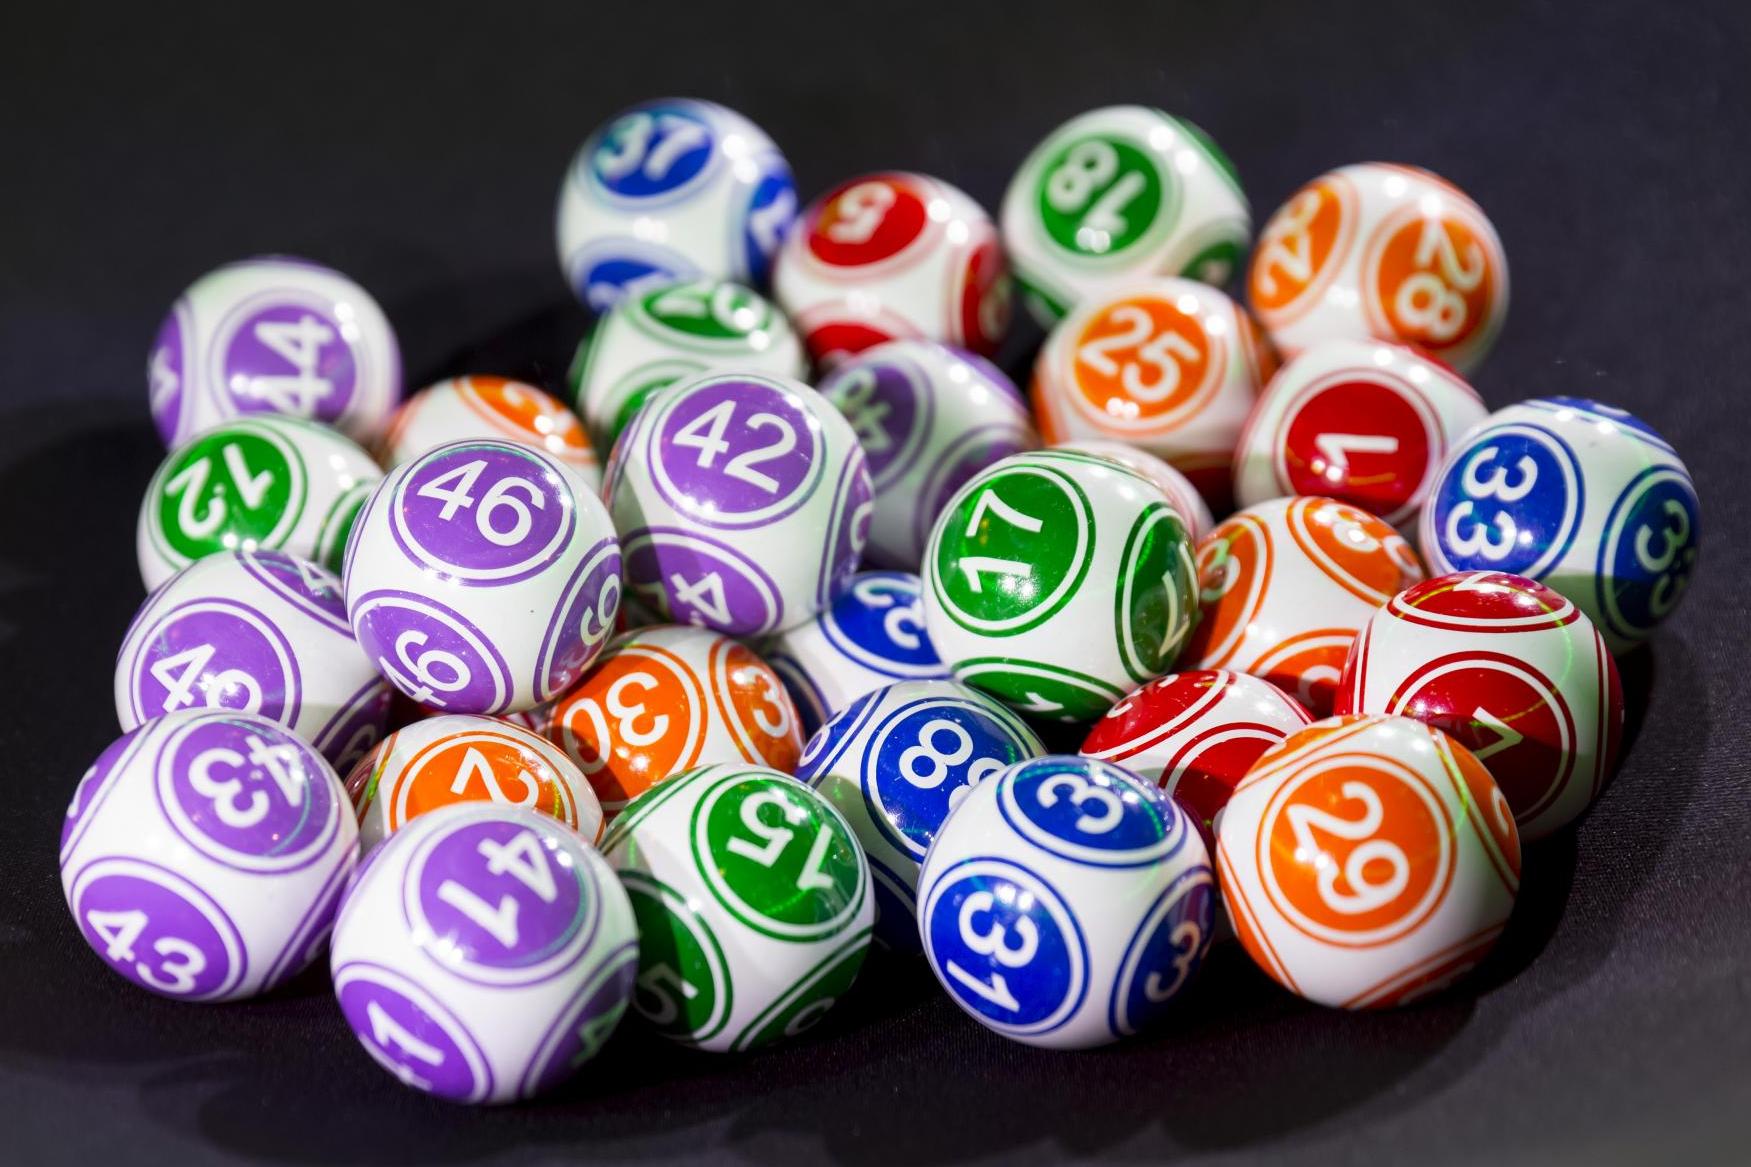 Con la Lotera, la app de lotería online es posible comprar Euromillones